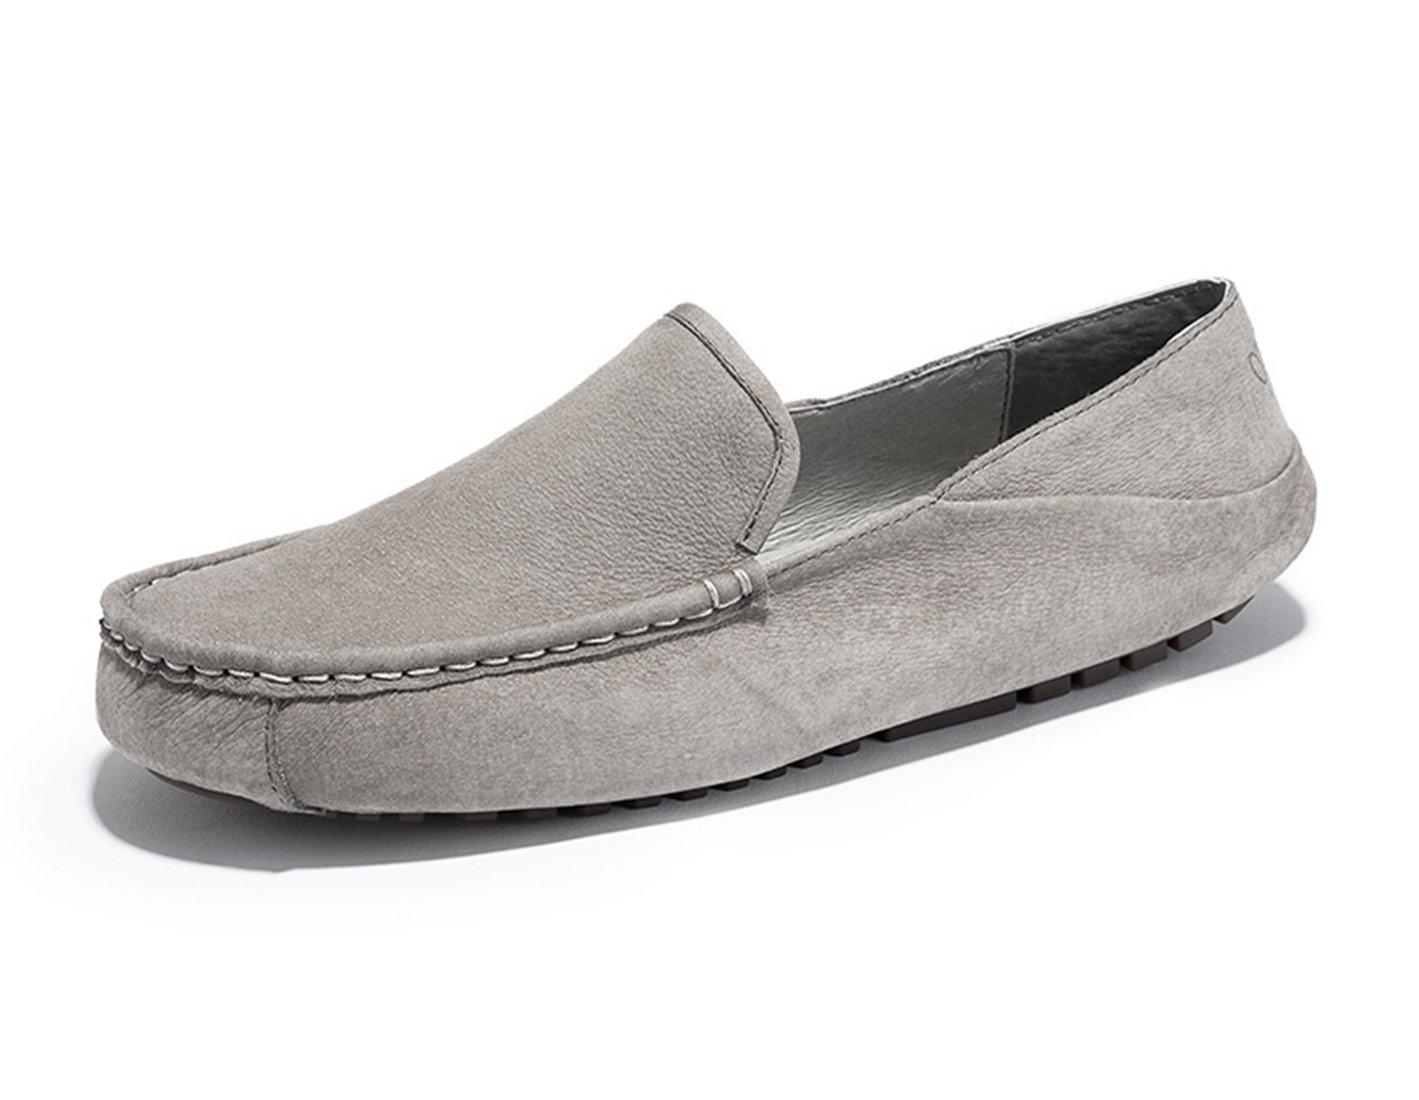 Miyoopark MiyooparkEUMY-Z3151 - Sandalias de Ante Hombre 40 EU|Gris